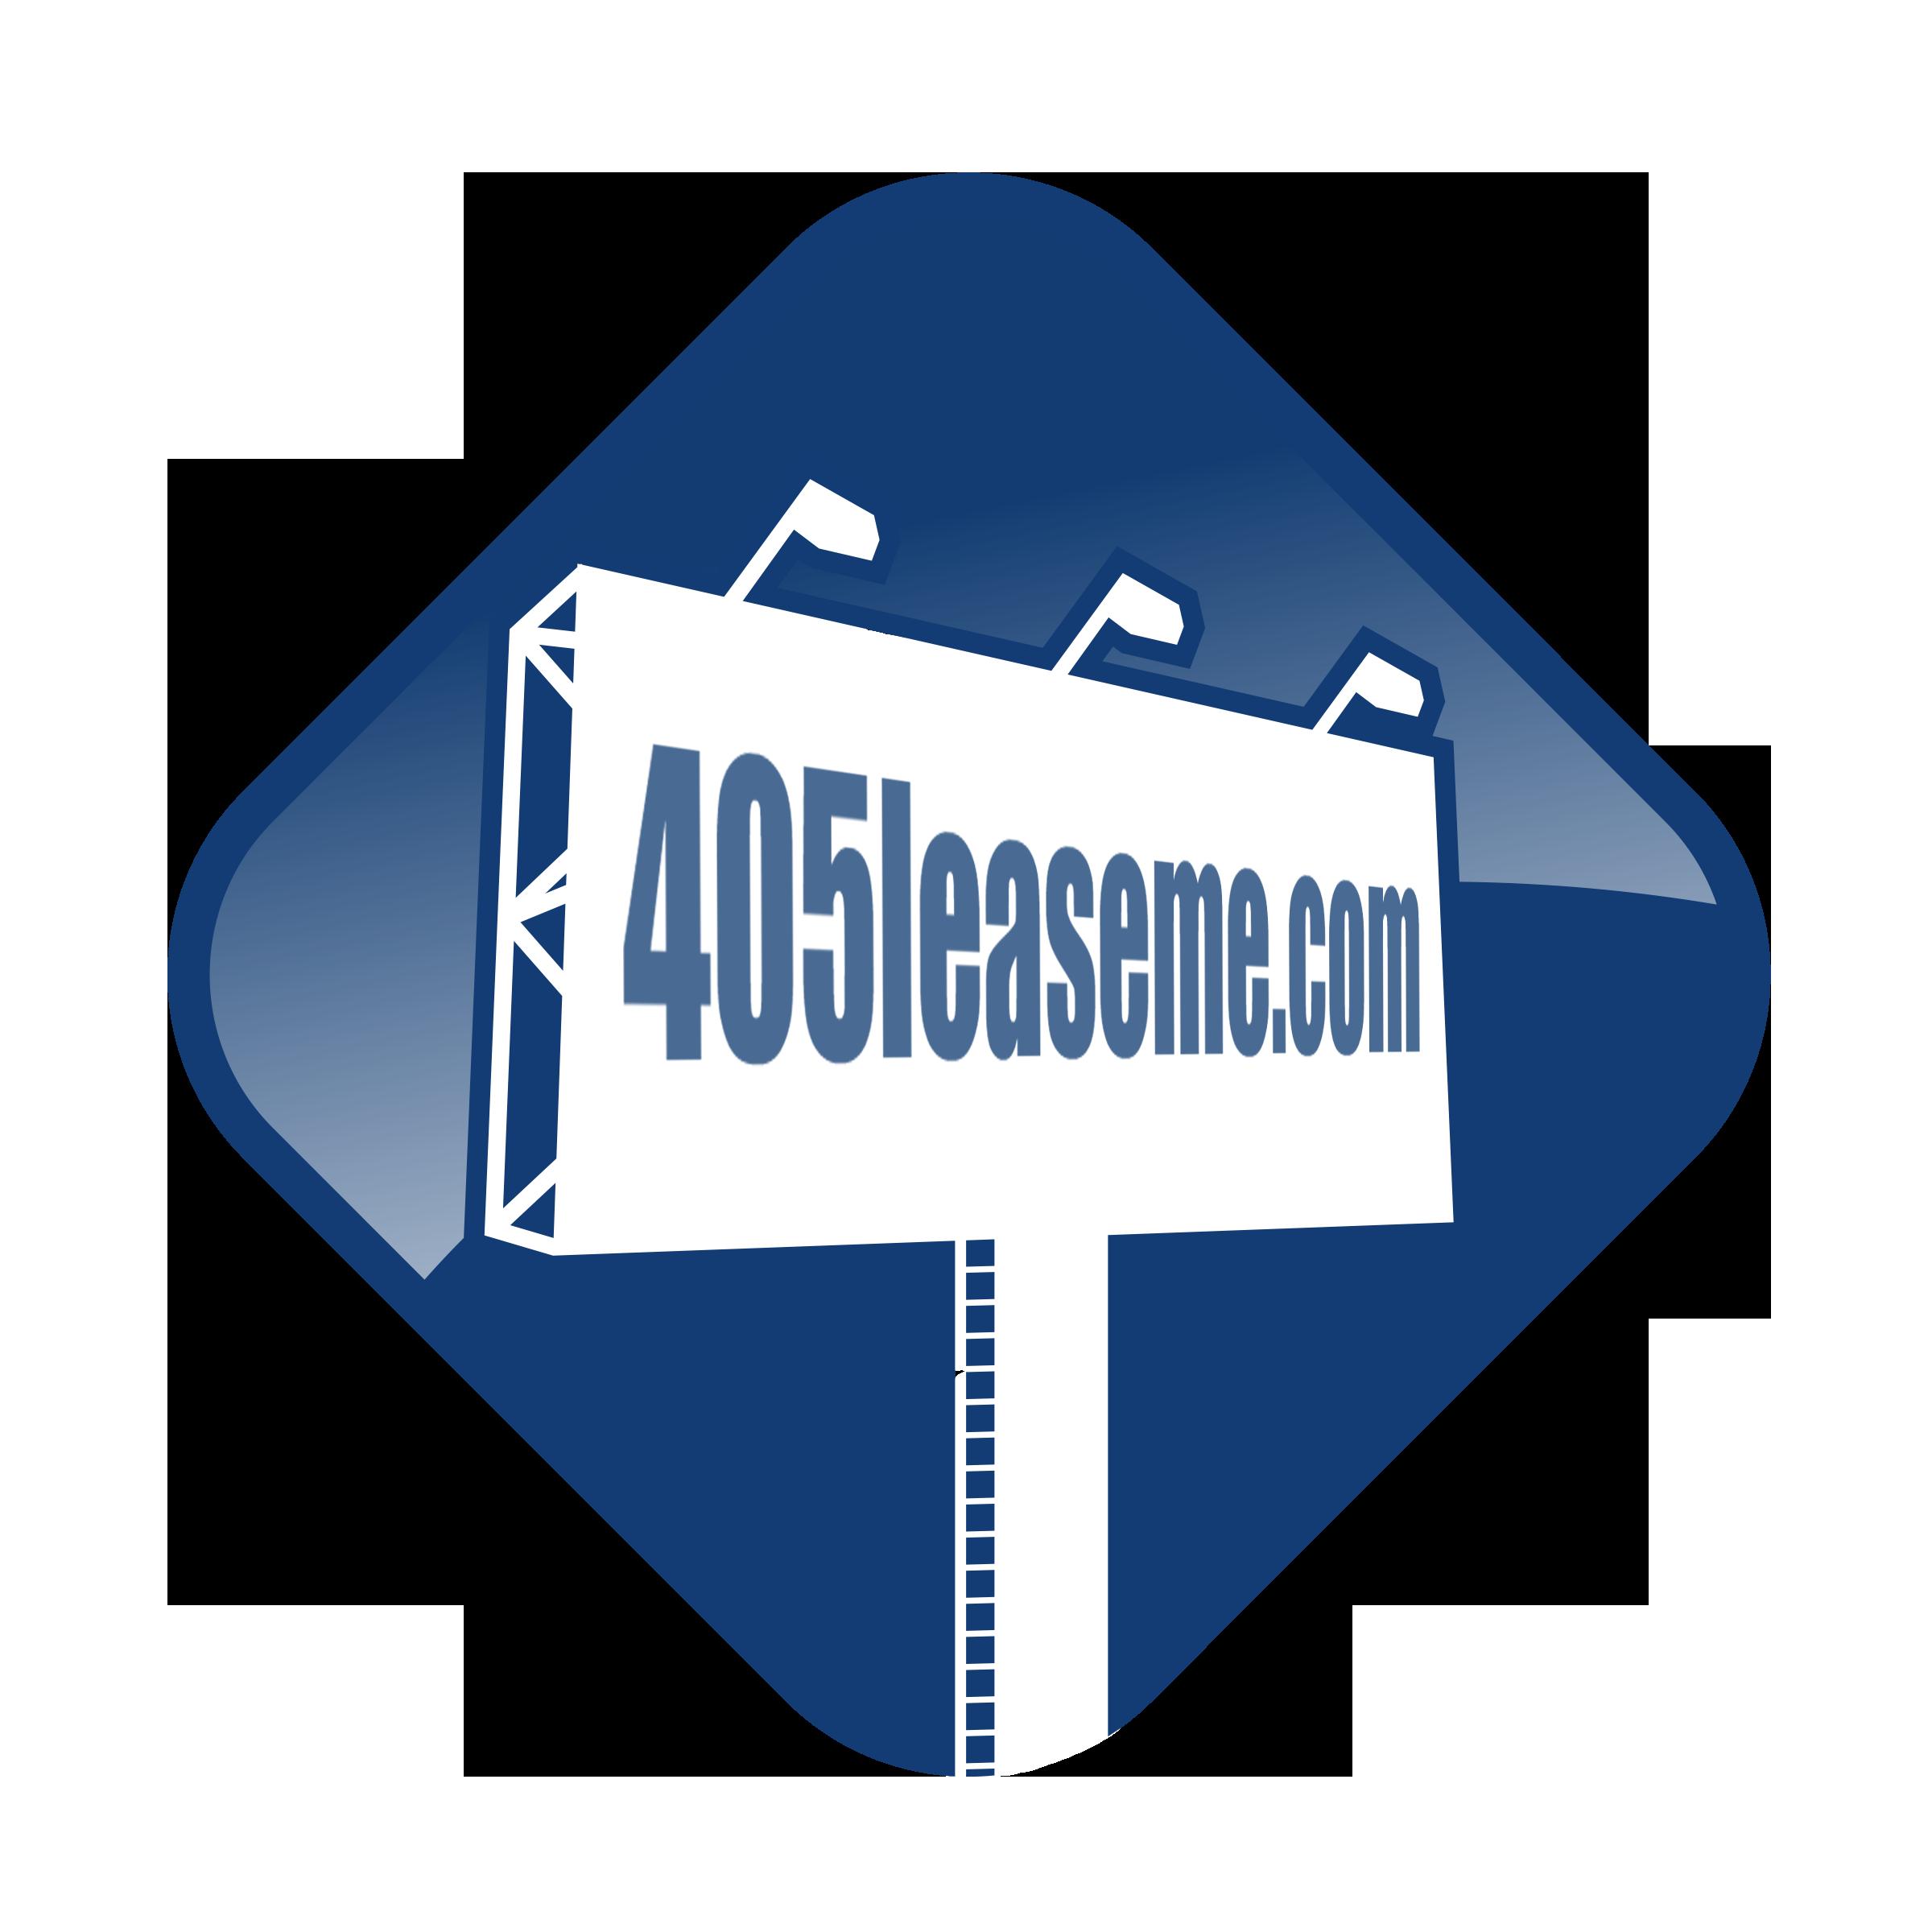 405leaseme.com